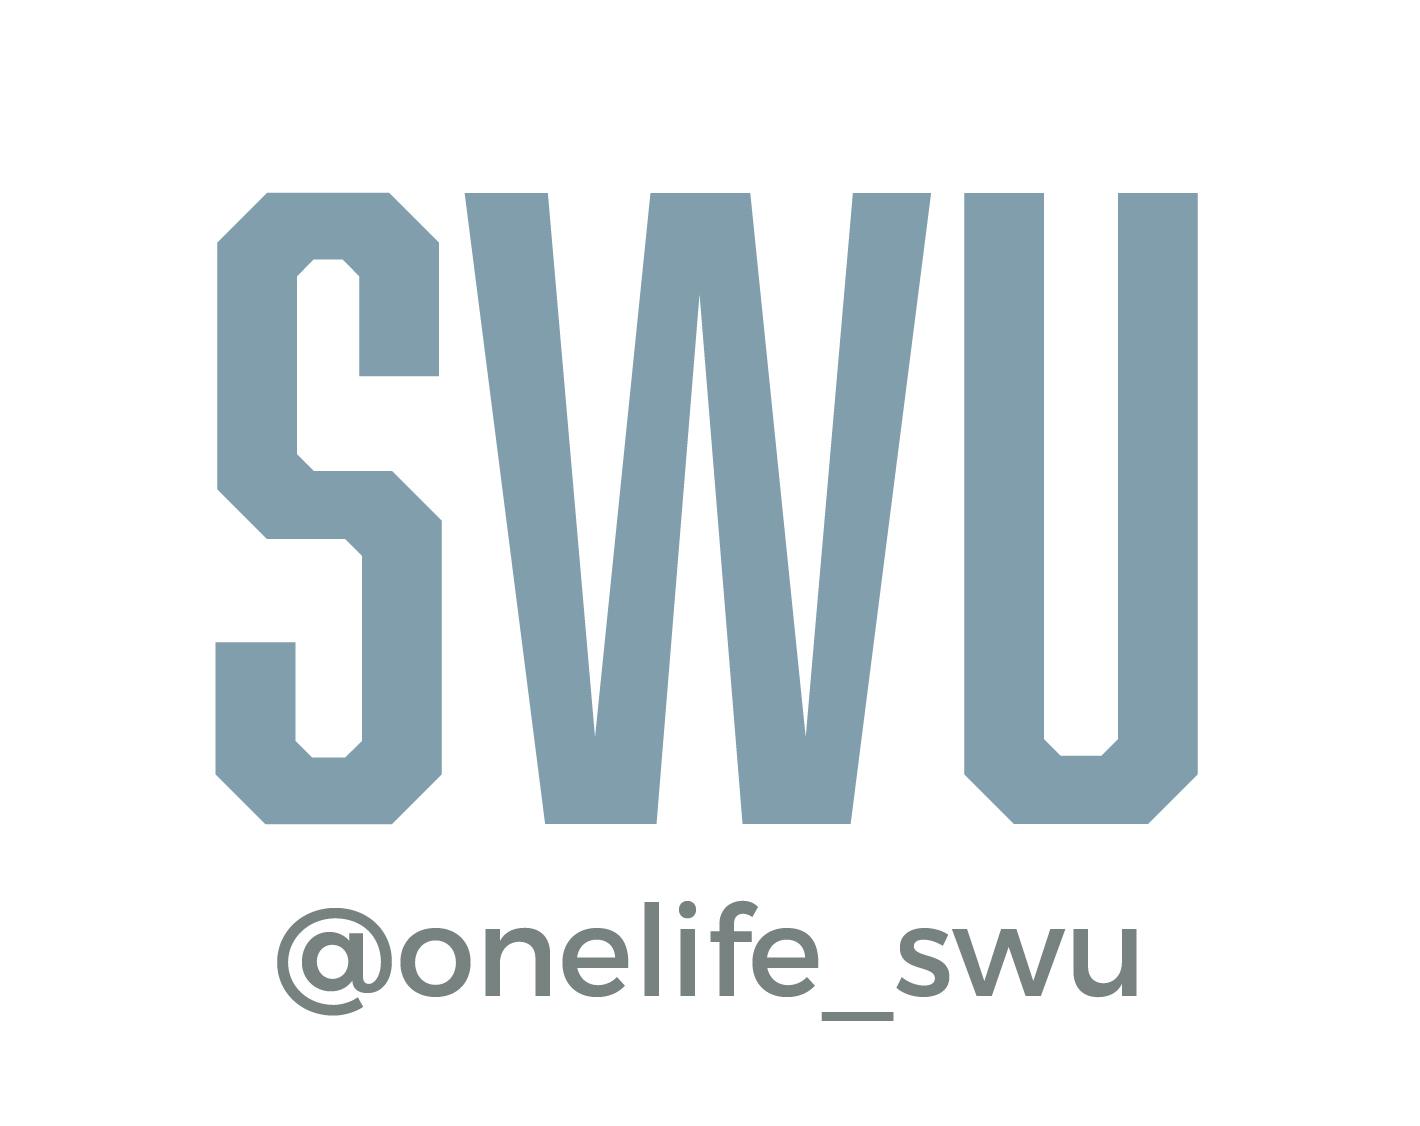 OneLife-Locations-Social-Media-07.jpg